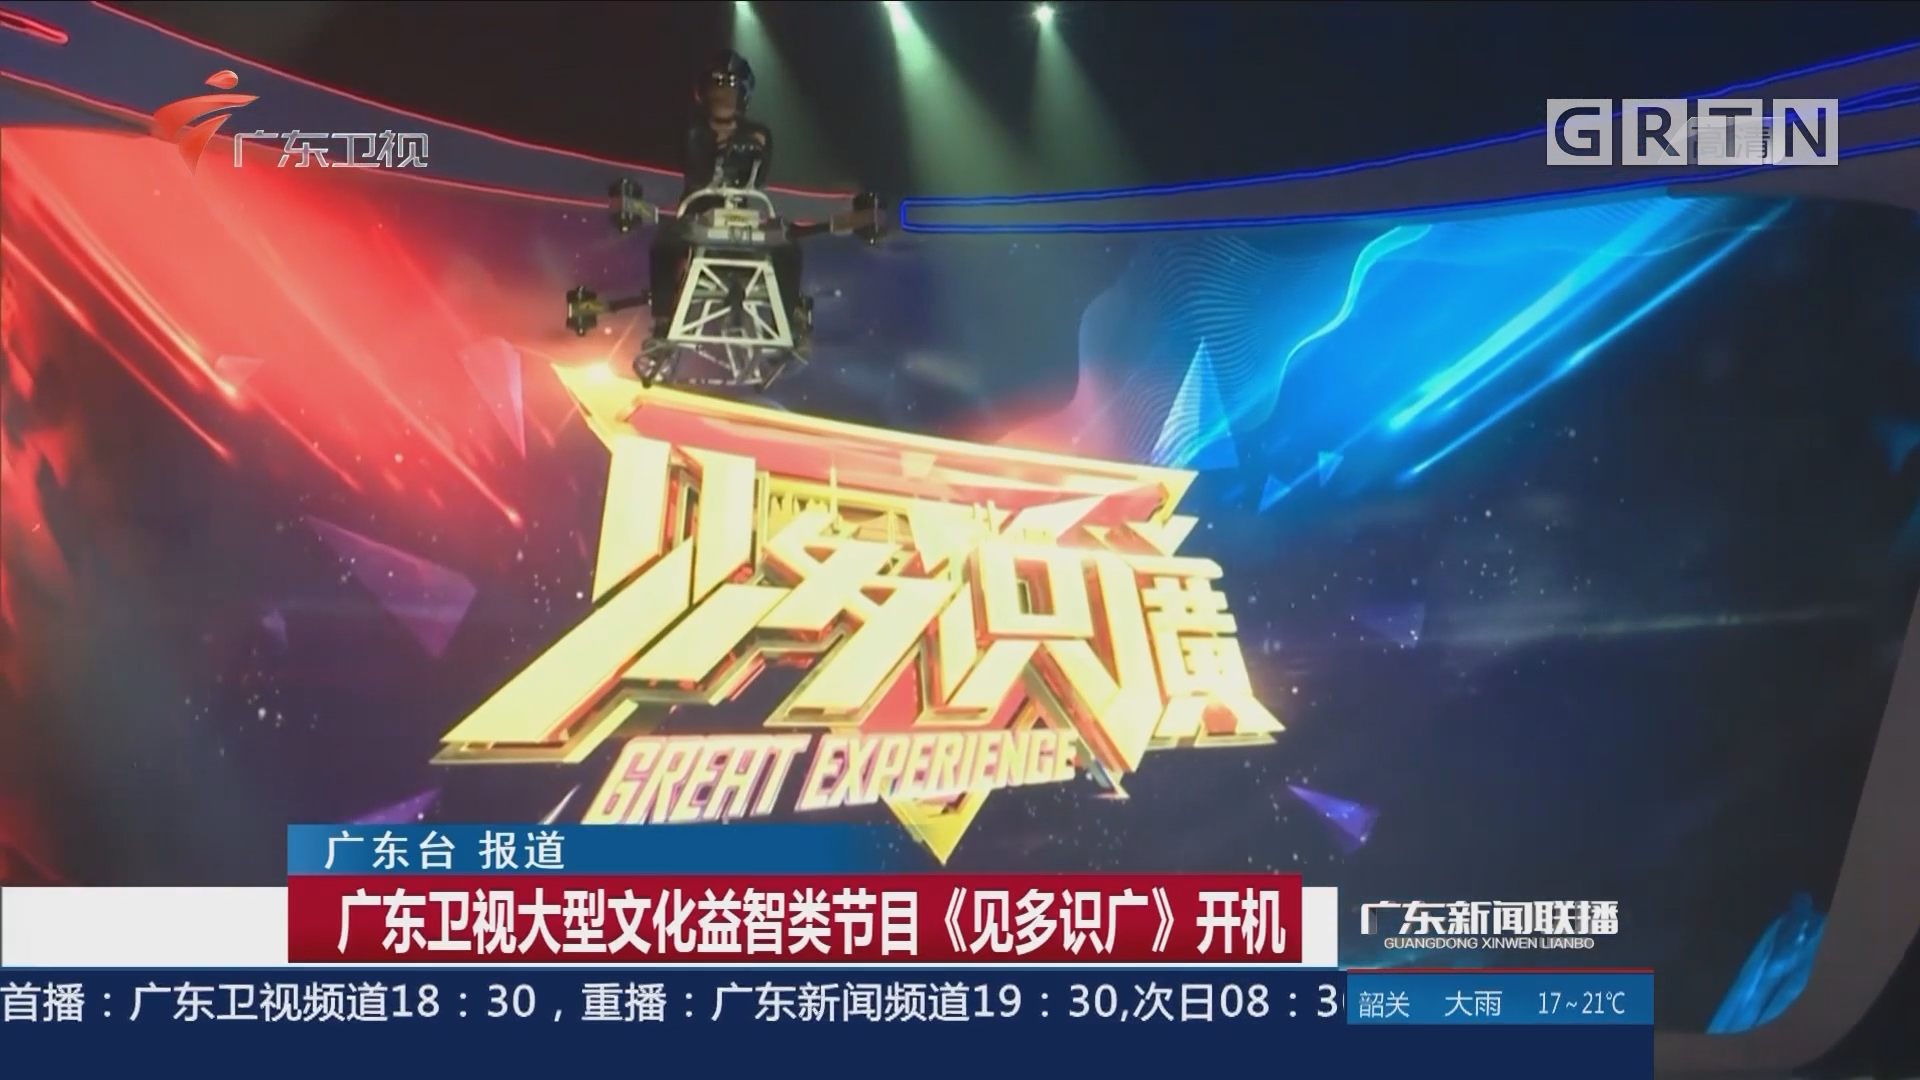 广东卫视大型文化益智类节目《见多识广》开机